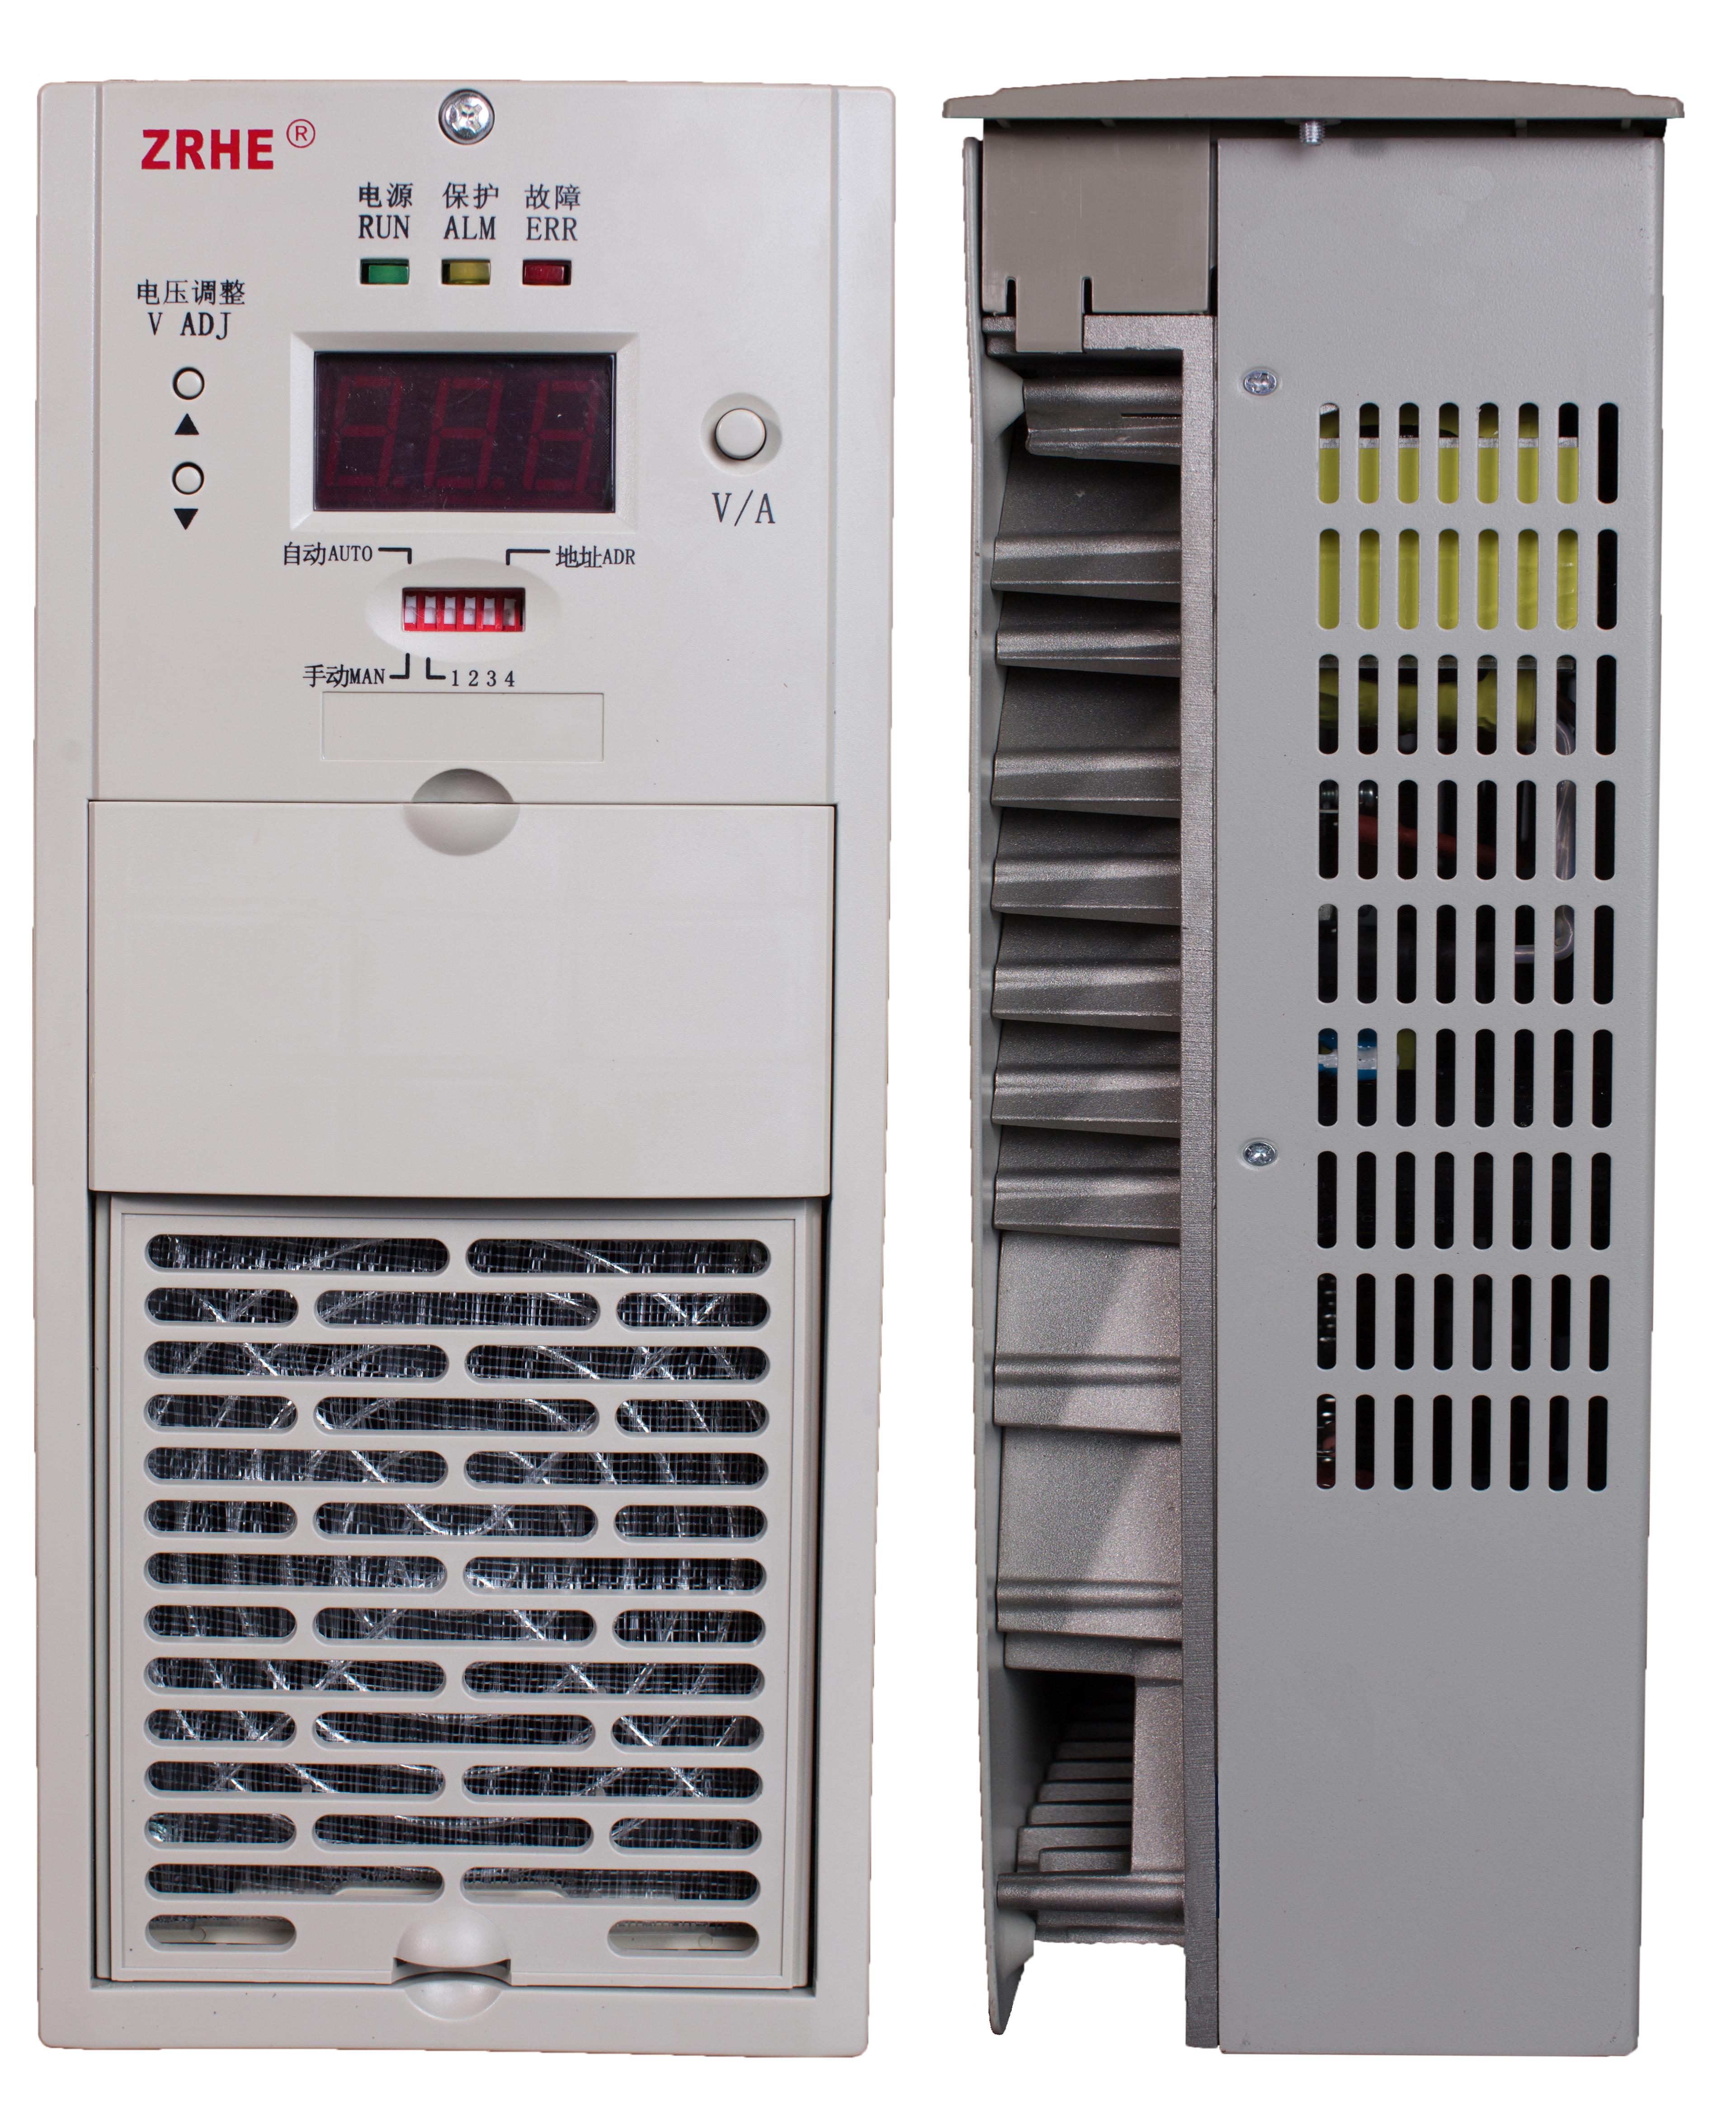 采用无源pfc技术,功率因数高,符合dl/t 781-2001中三相谐波标准;前级